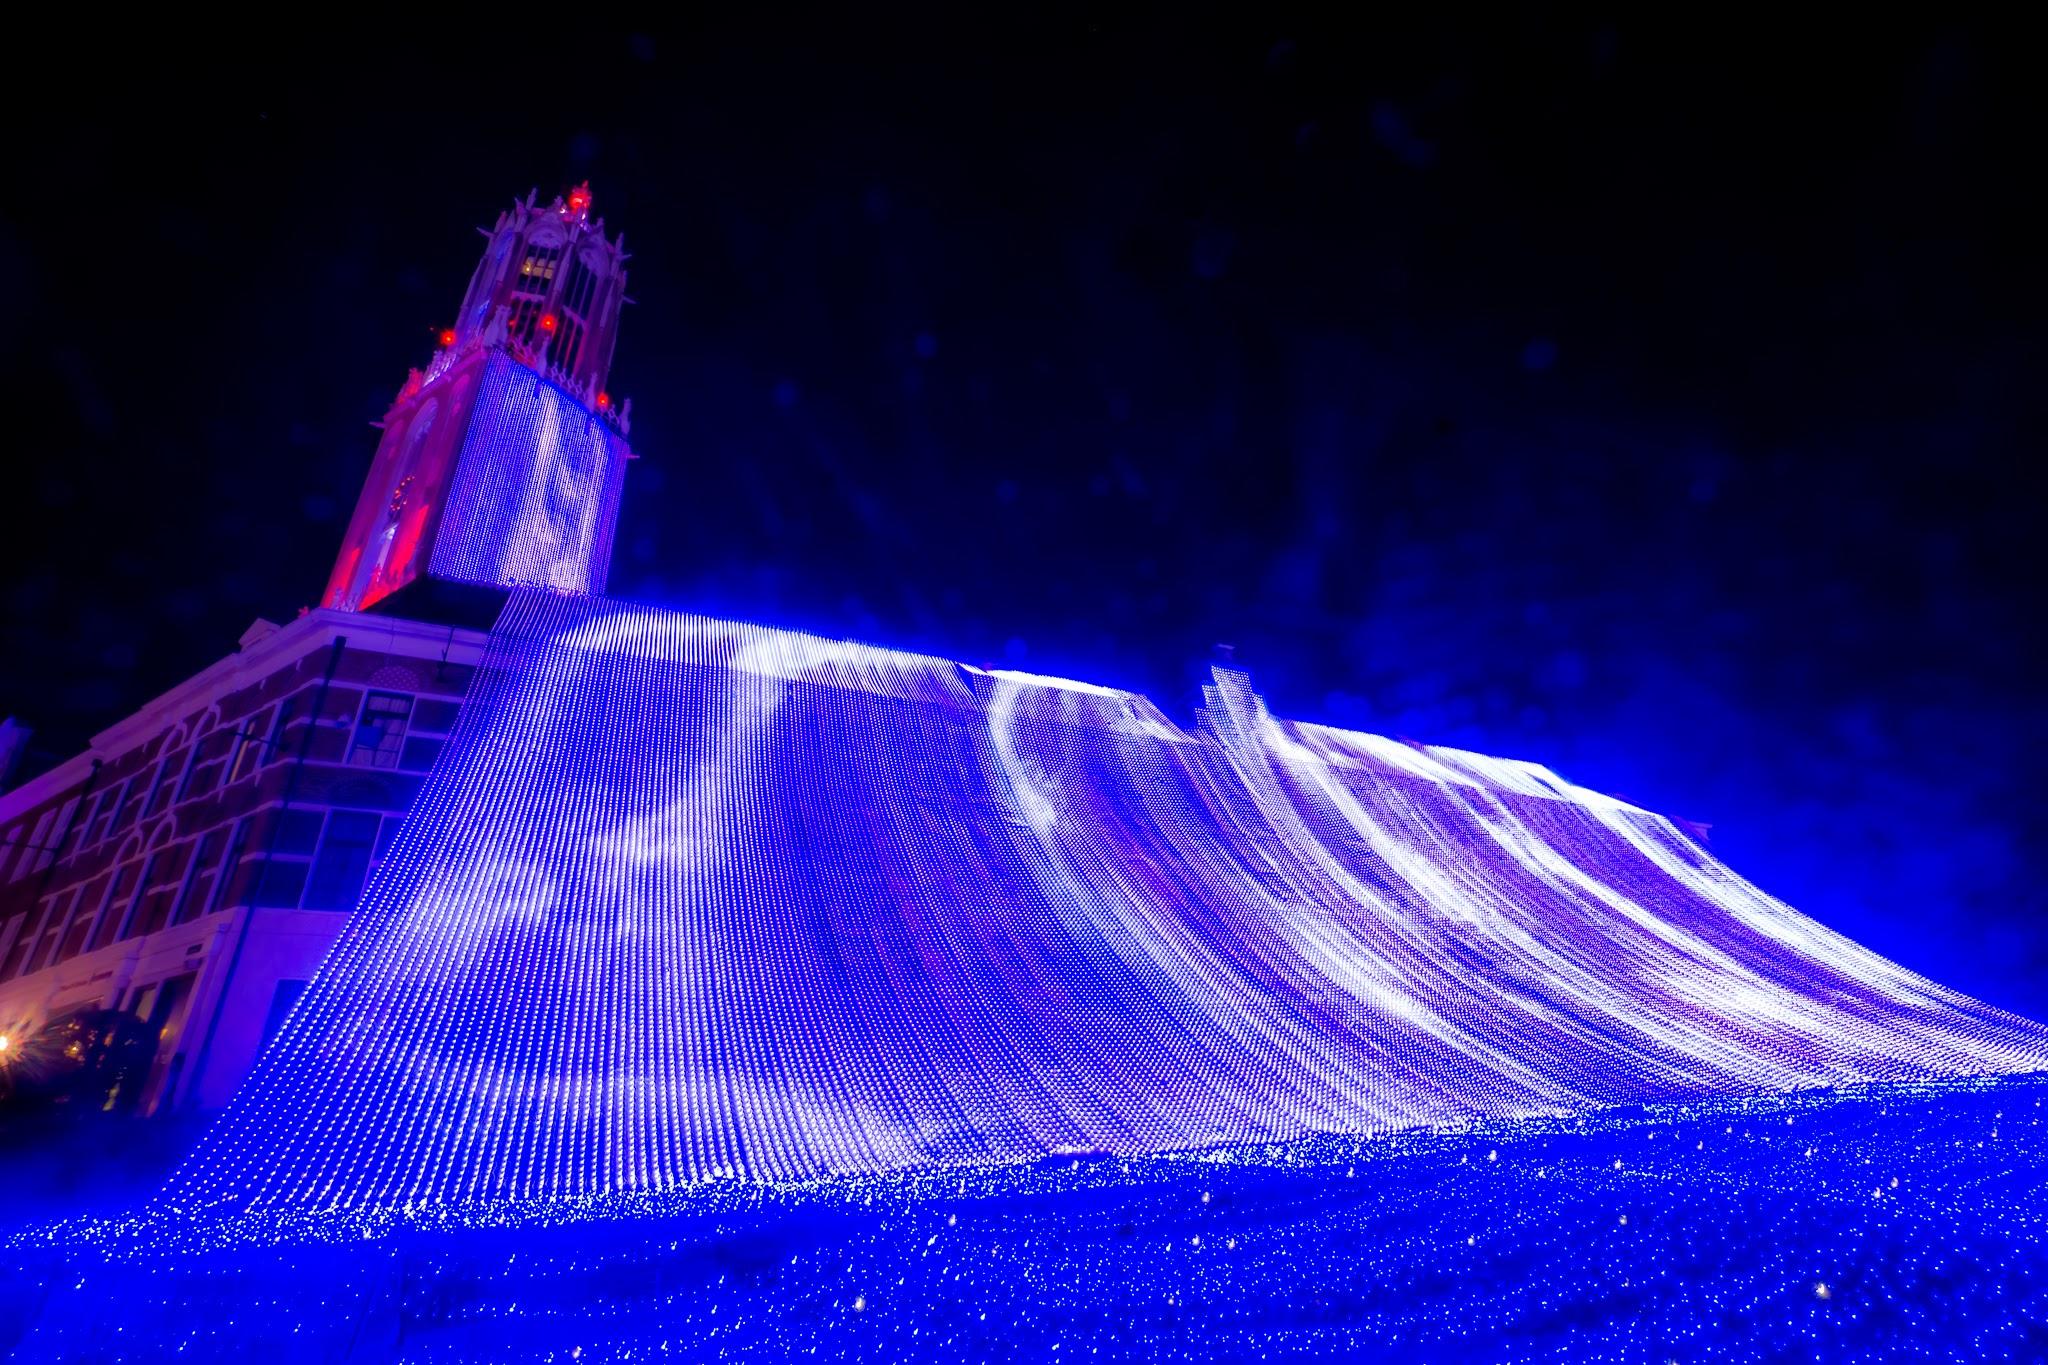 ハウステンボス イルミネーション 光の王国 光の滝2